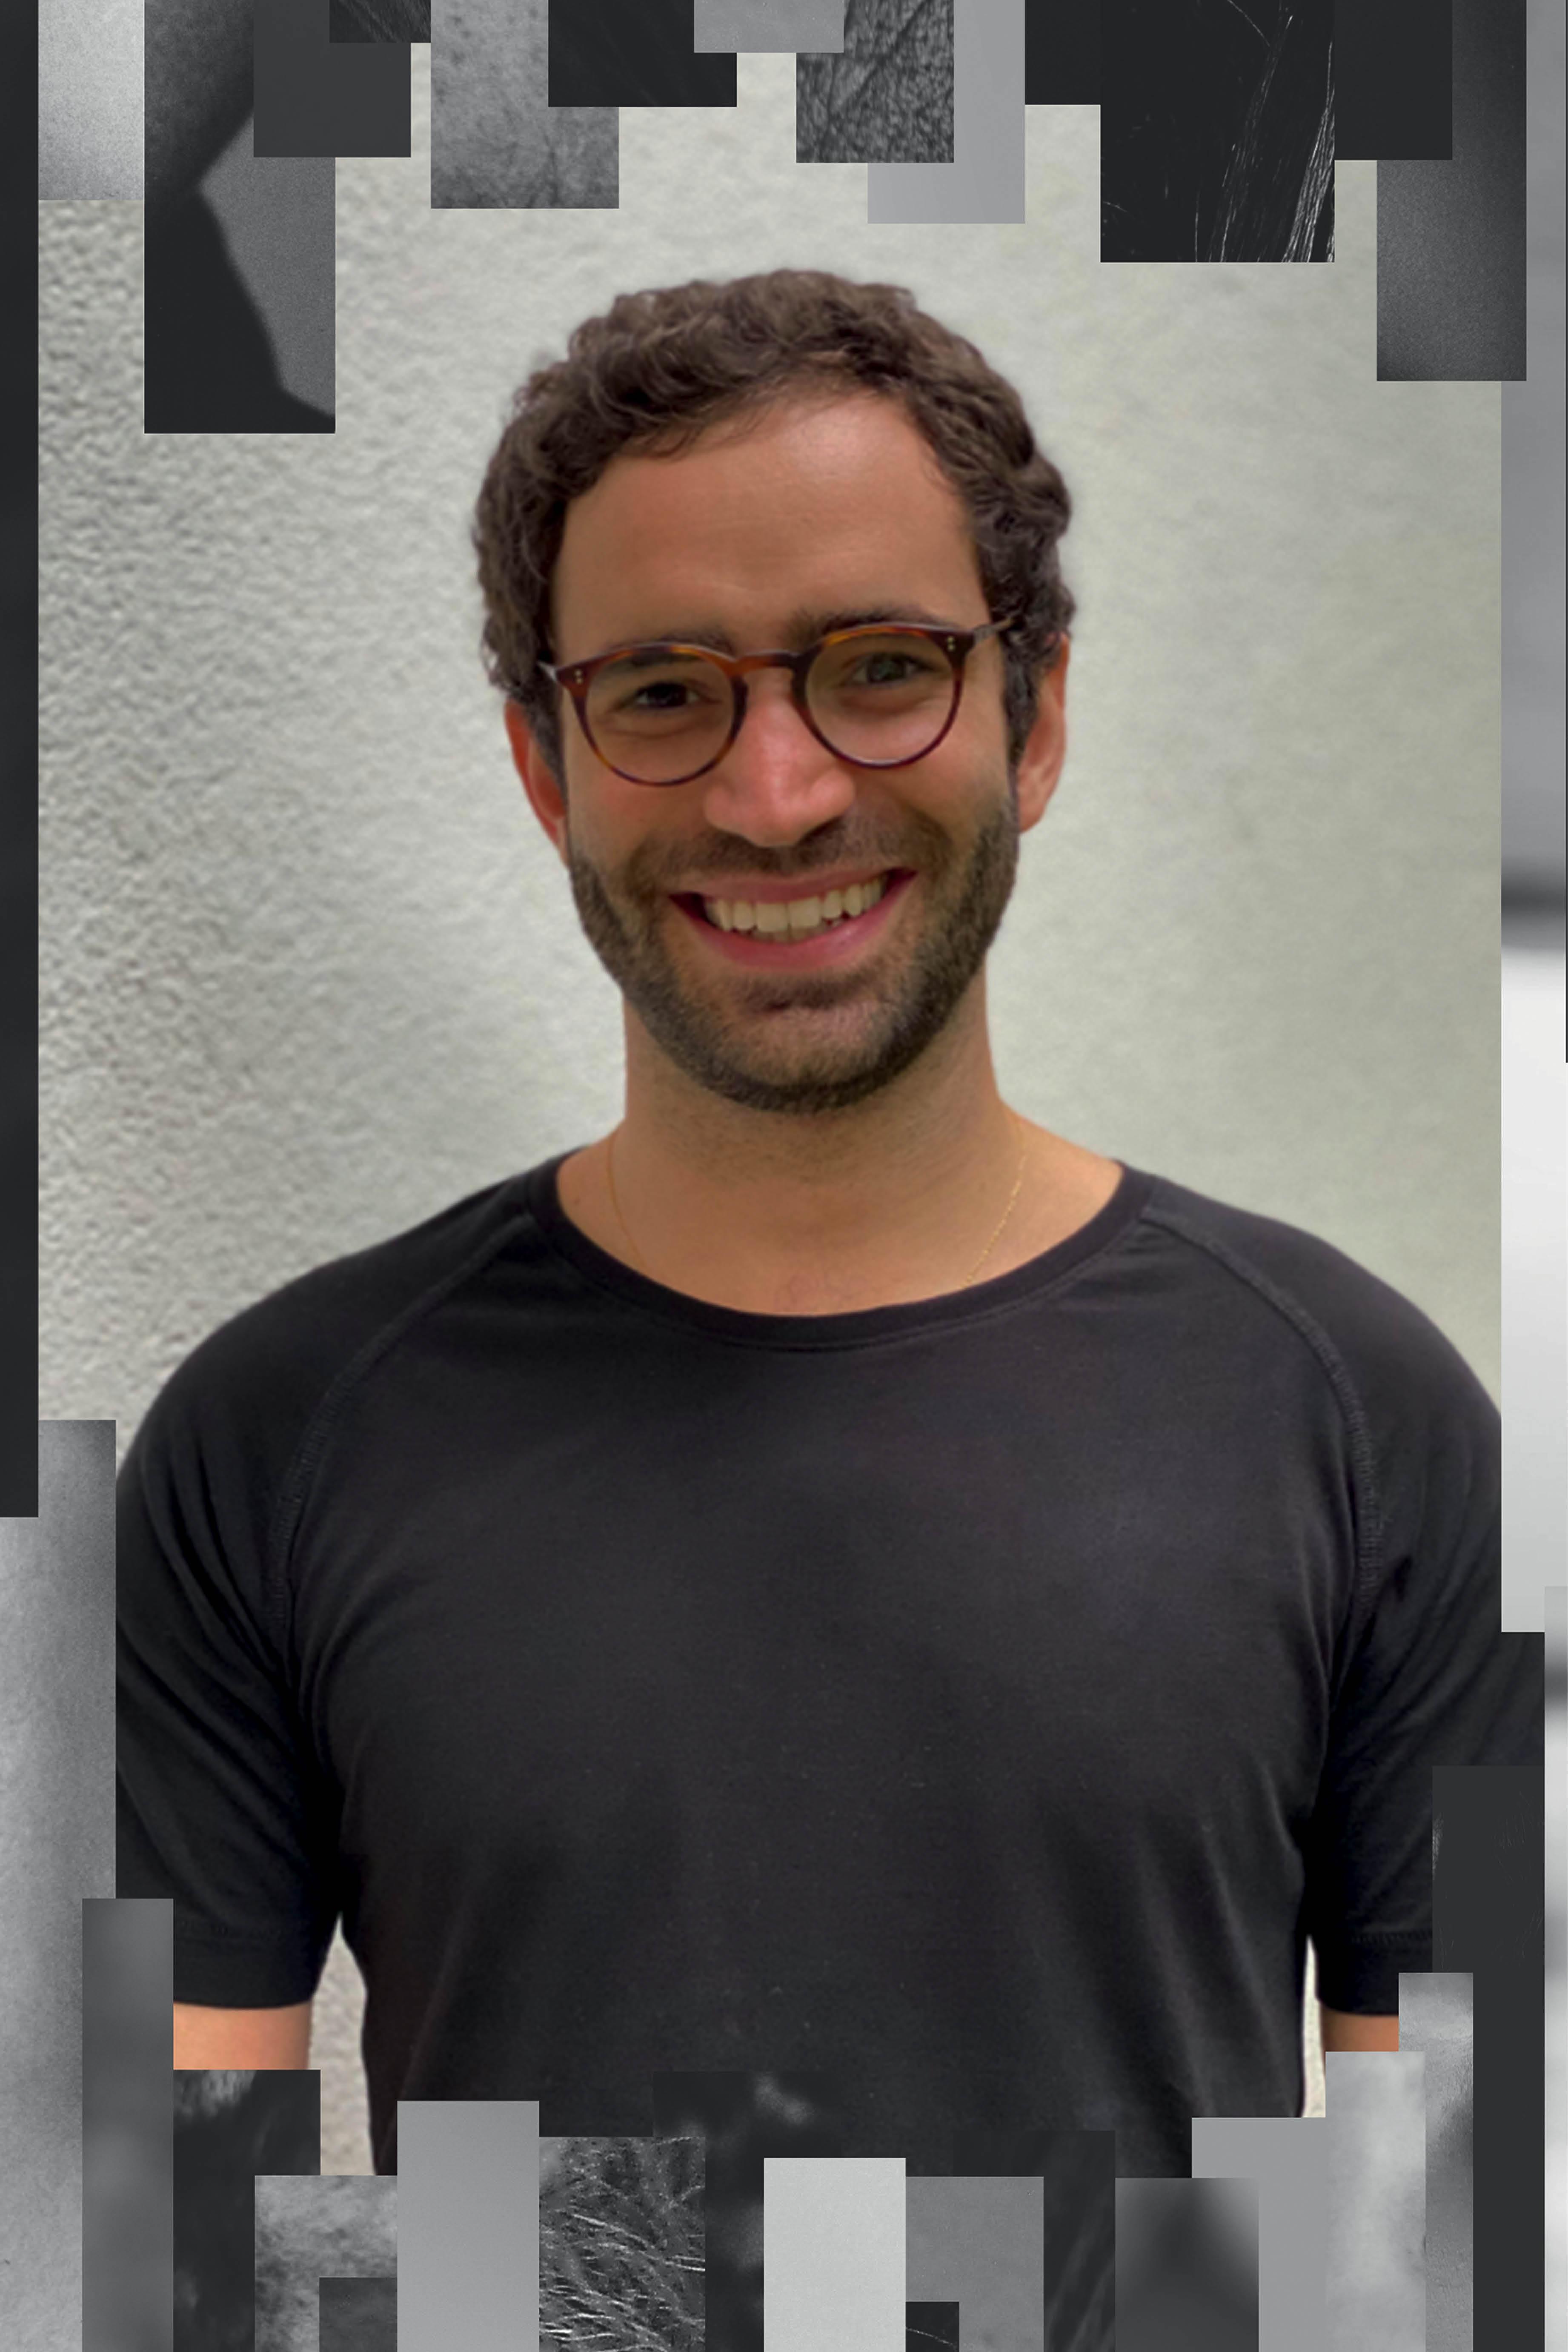 Pedro é um homem branco, de cabelos claros, barba e cavanhaque. Ele usa óculos e sorri para a câmera